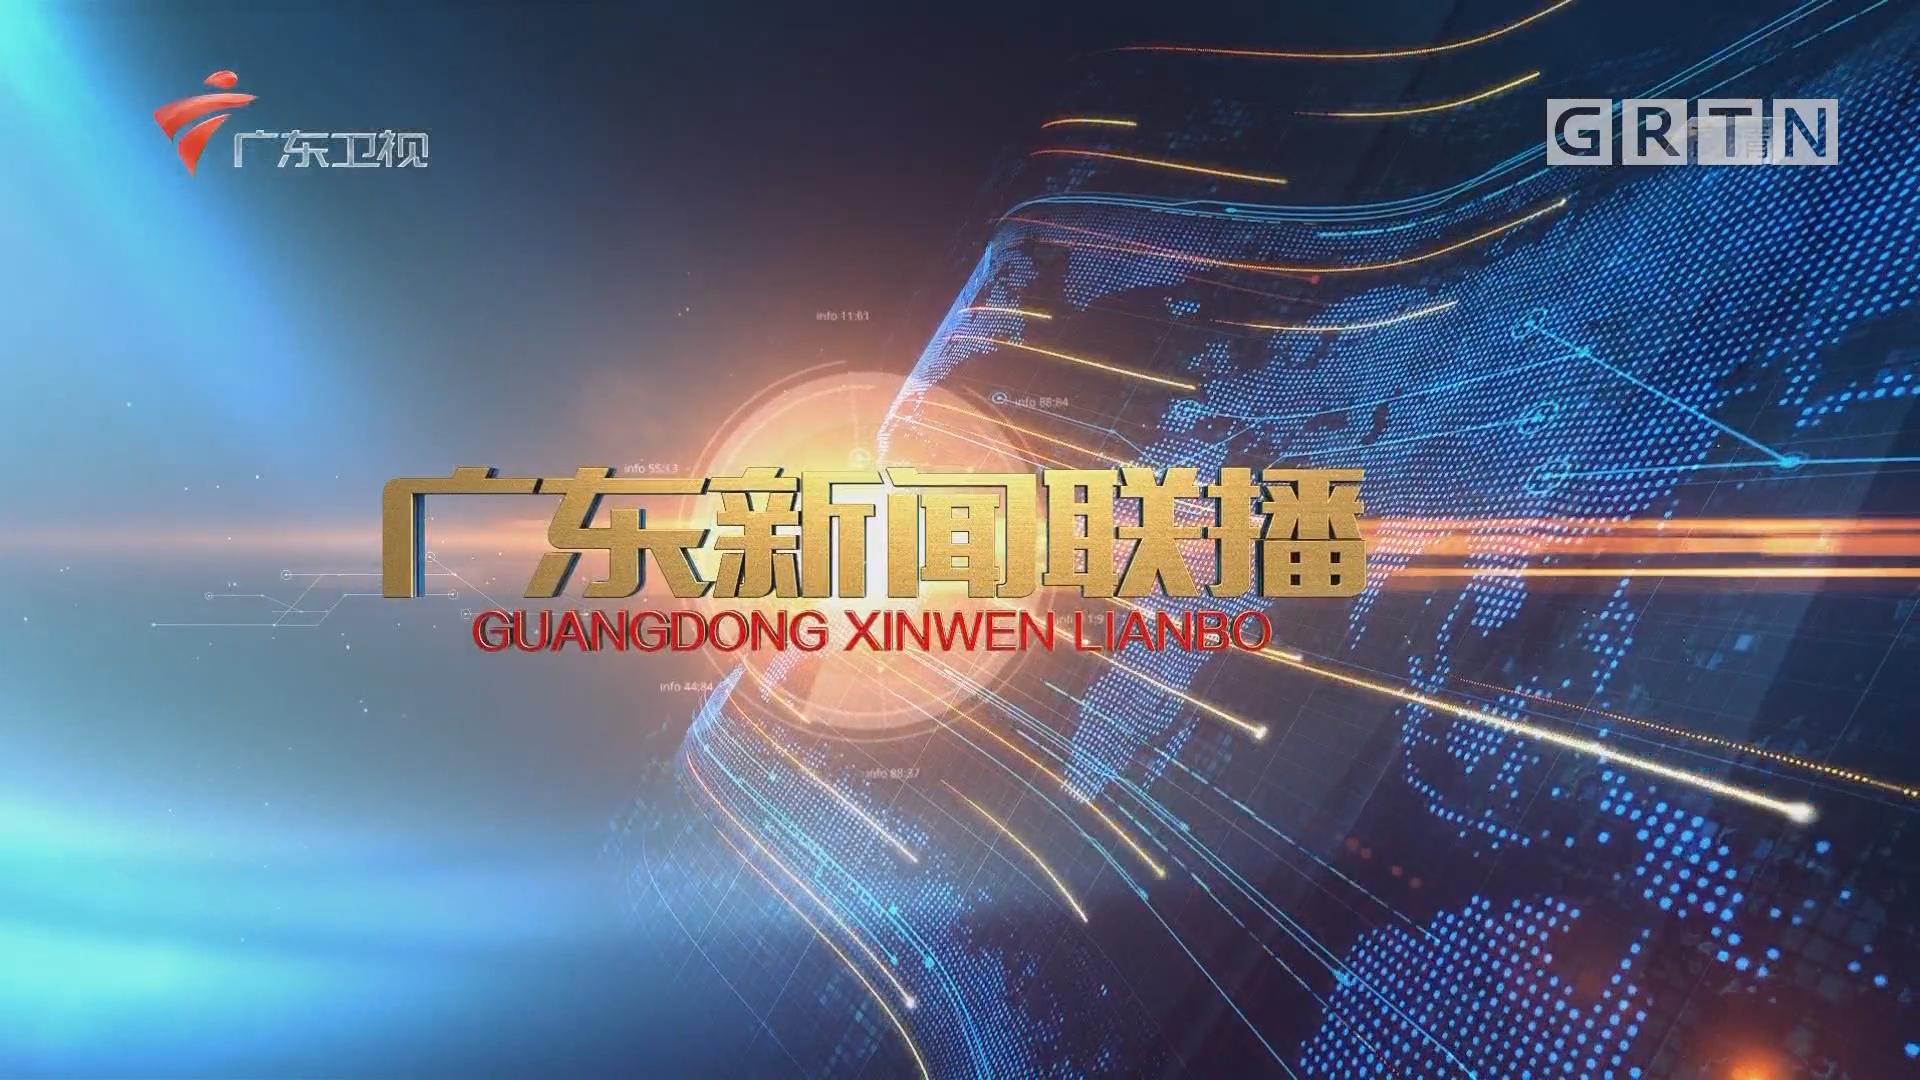 [HD][2018-10-16]广东新闻联播:省委审计委员会召开第一次会议 李希主持会议